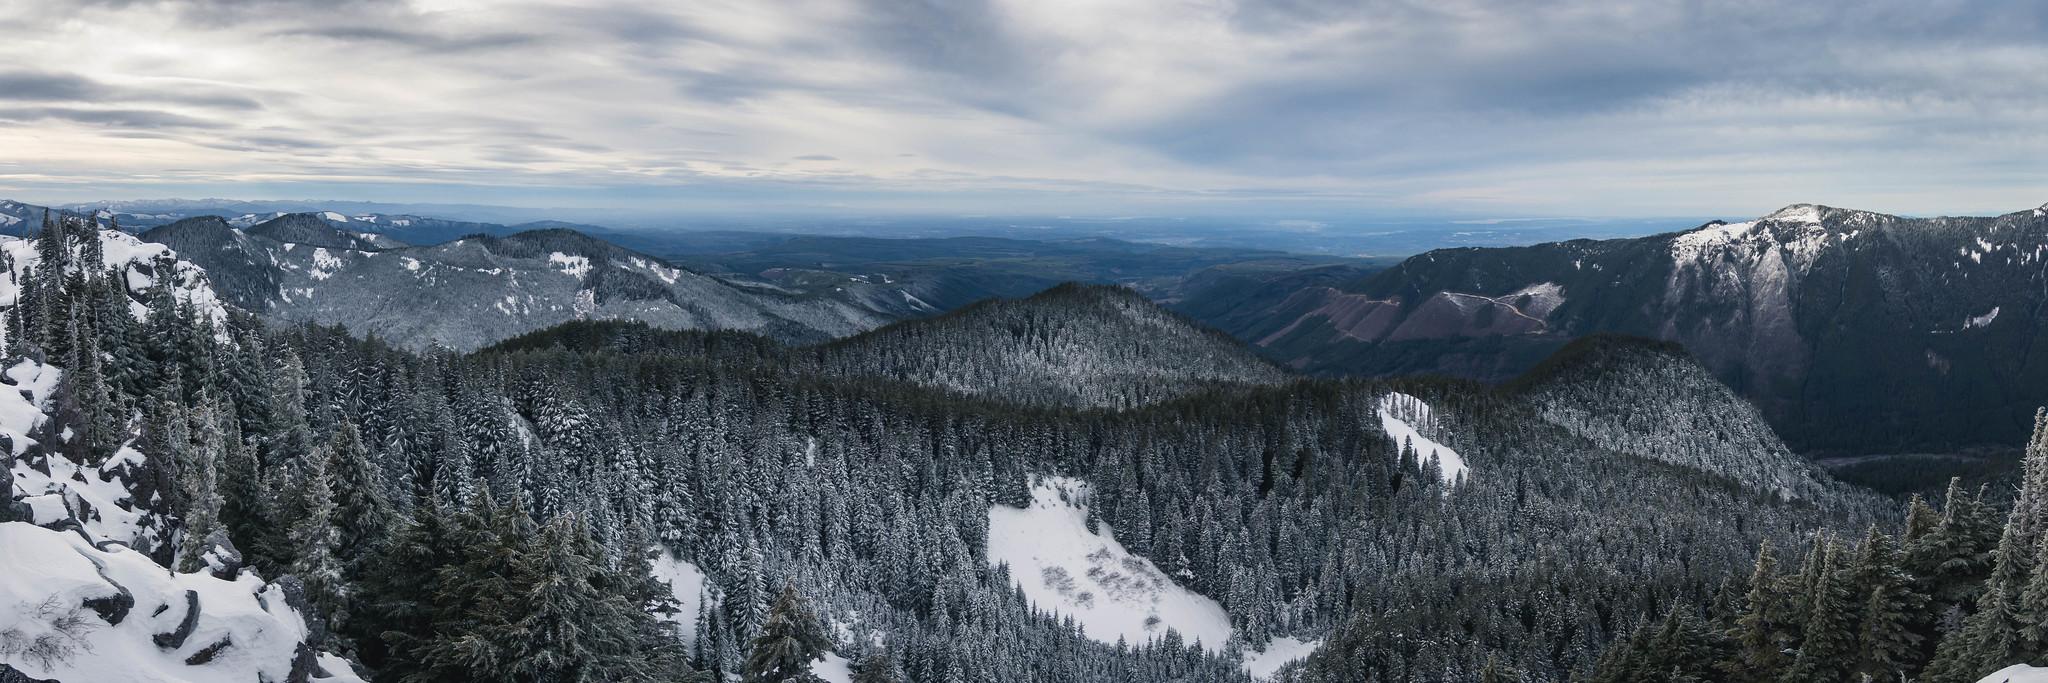 Northwestern panoramic view